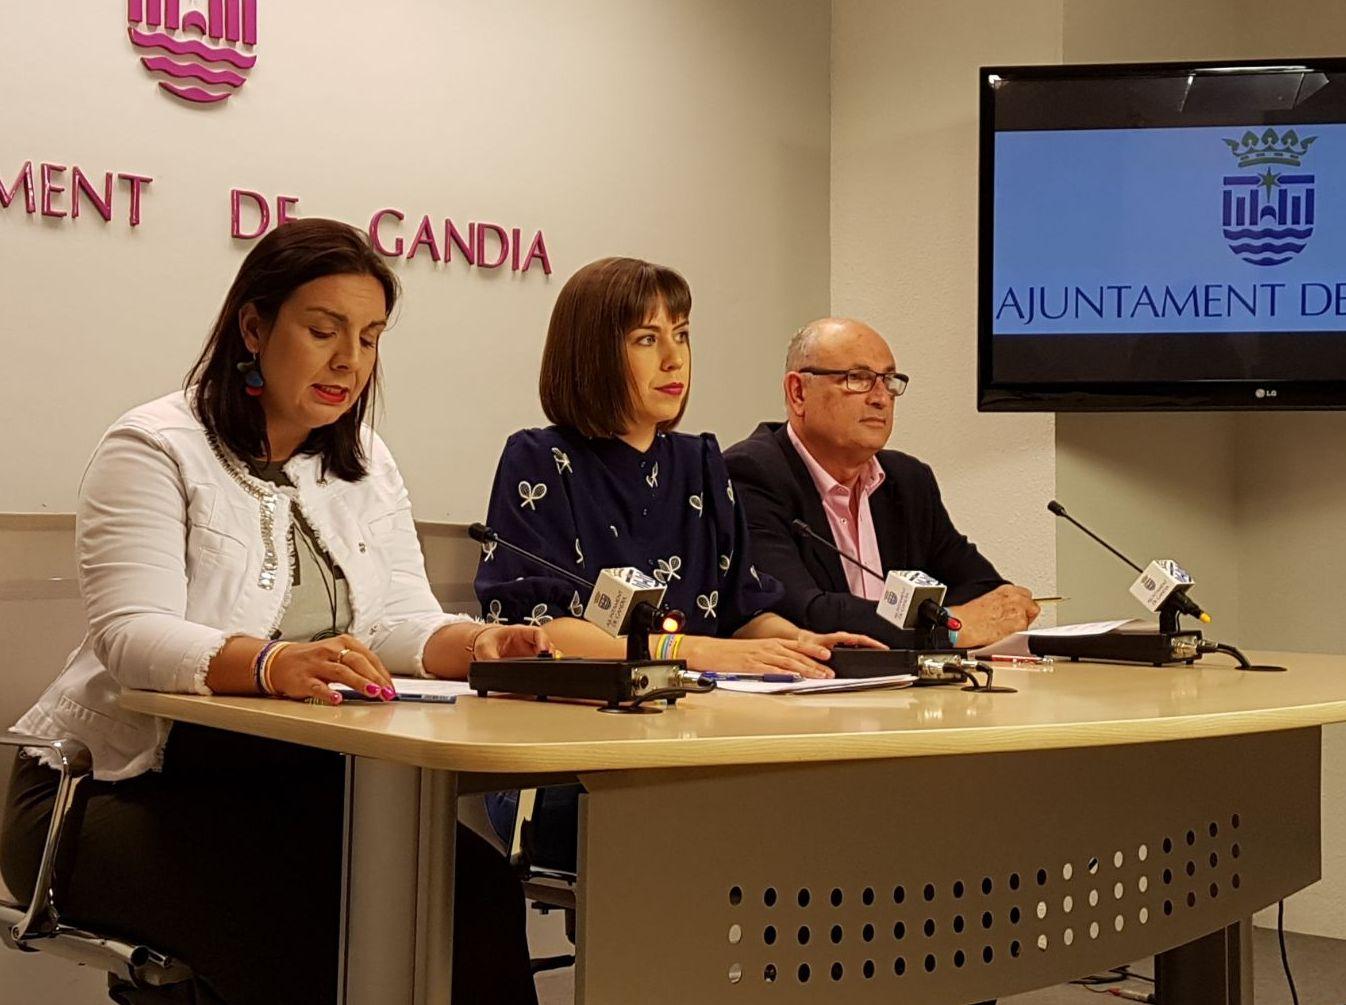 El Ayuntamiento de Gandia liquida la empresa pública IPG